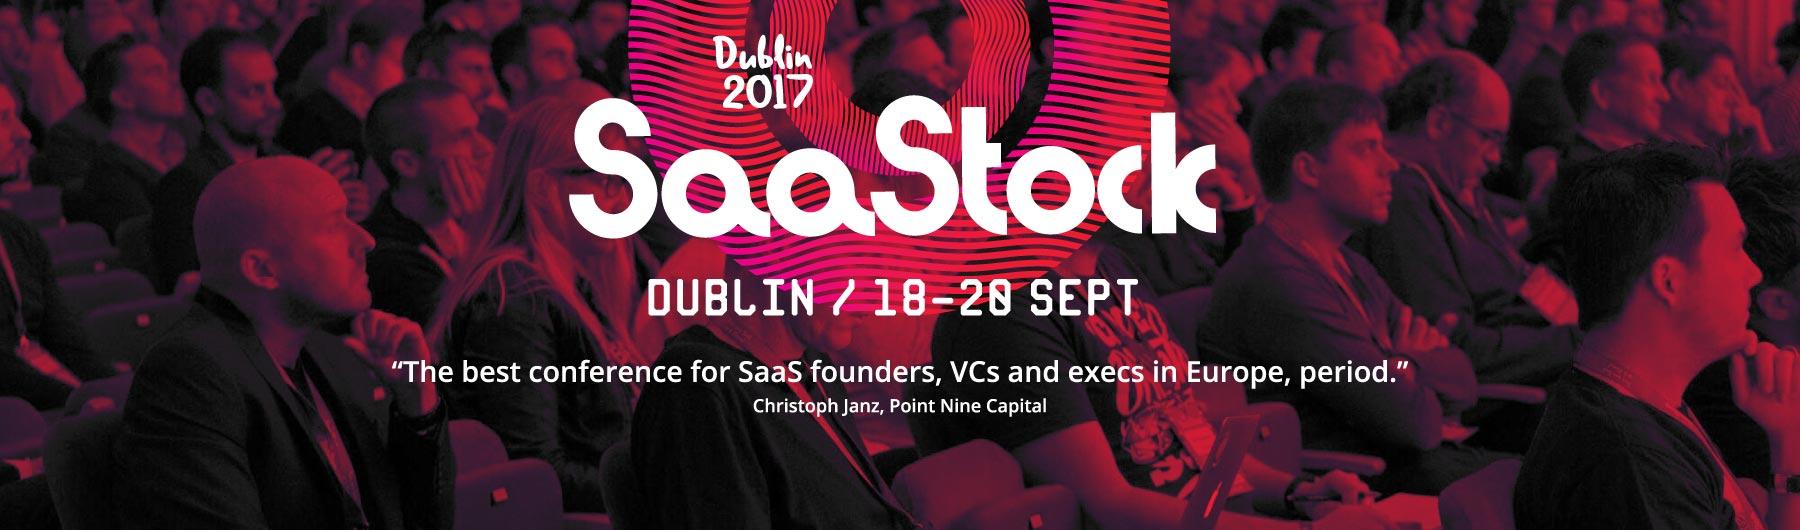 SaaStock 2017